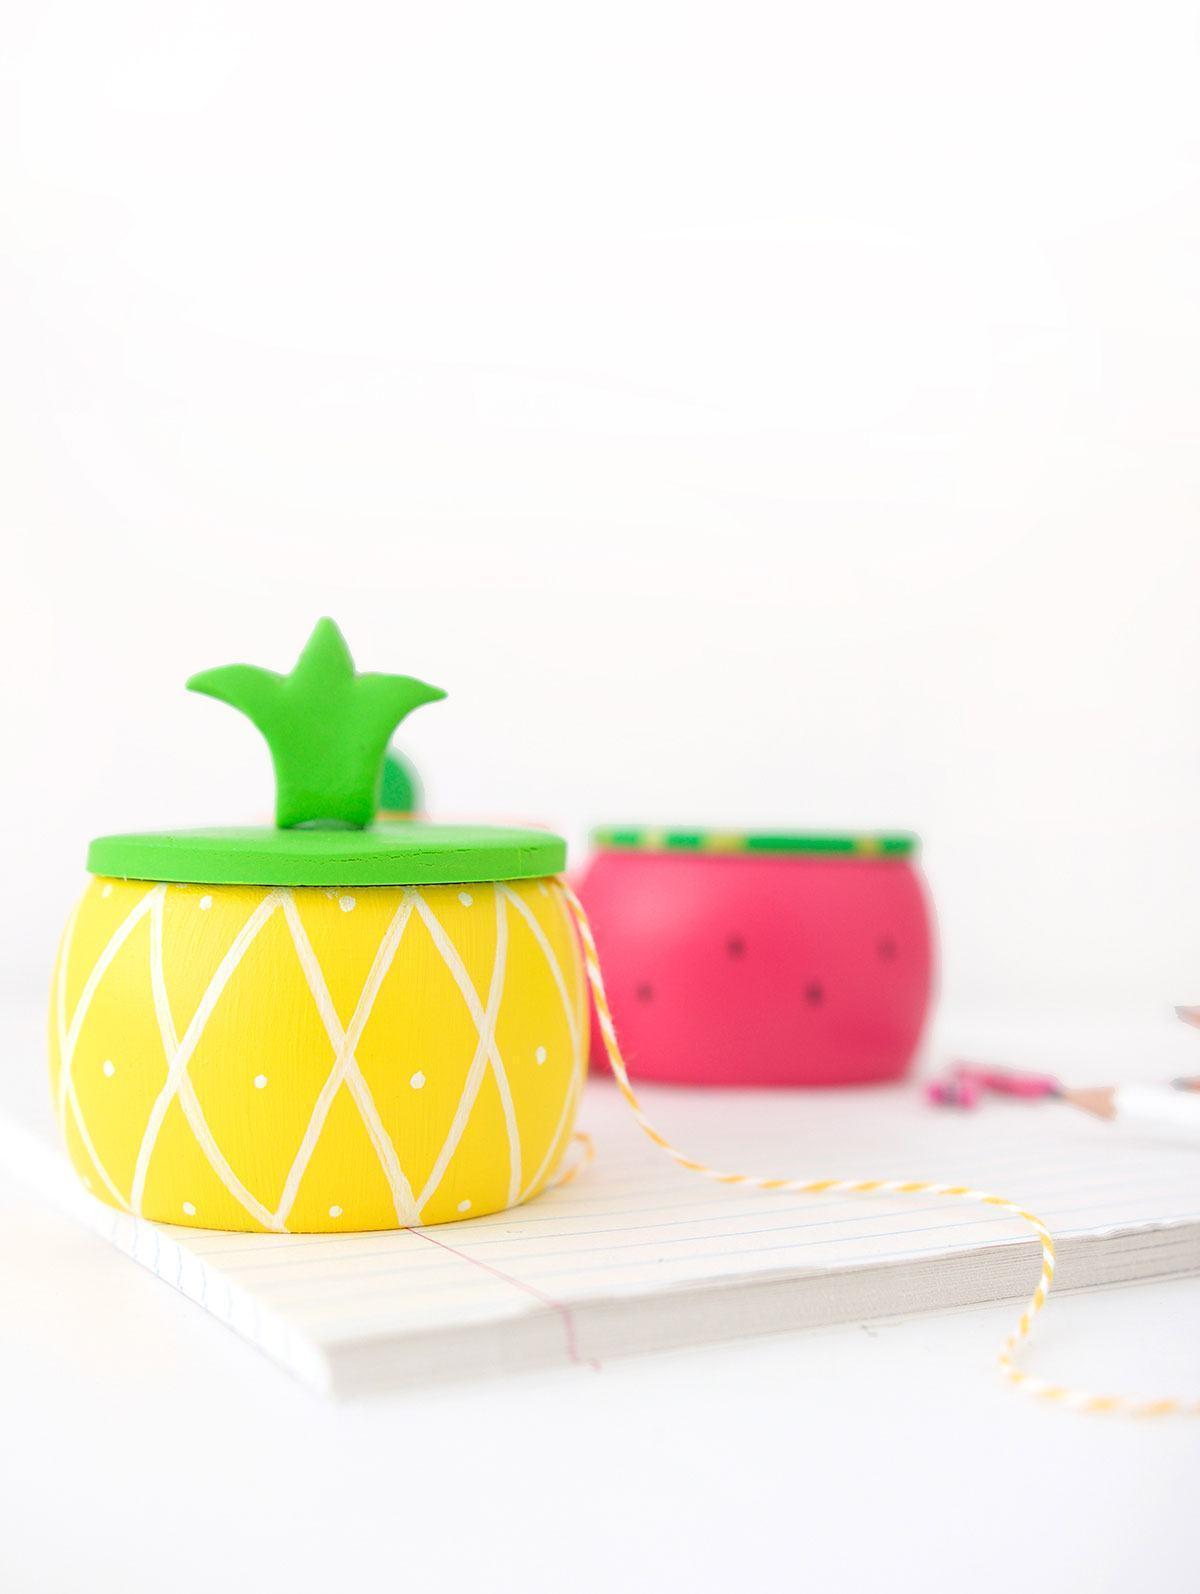 Potes de madeira com formatos e cores de frutas.